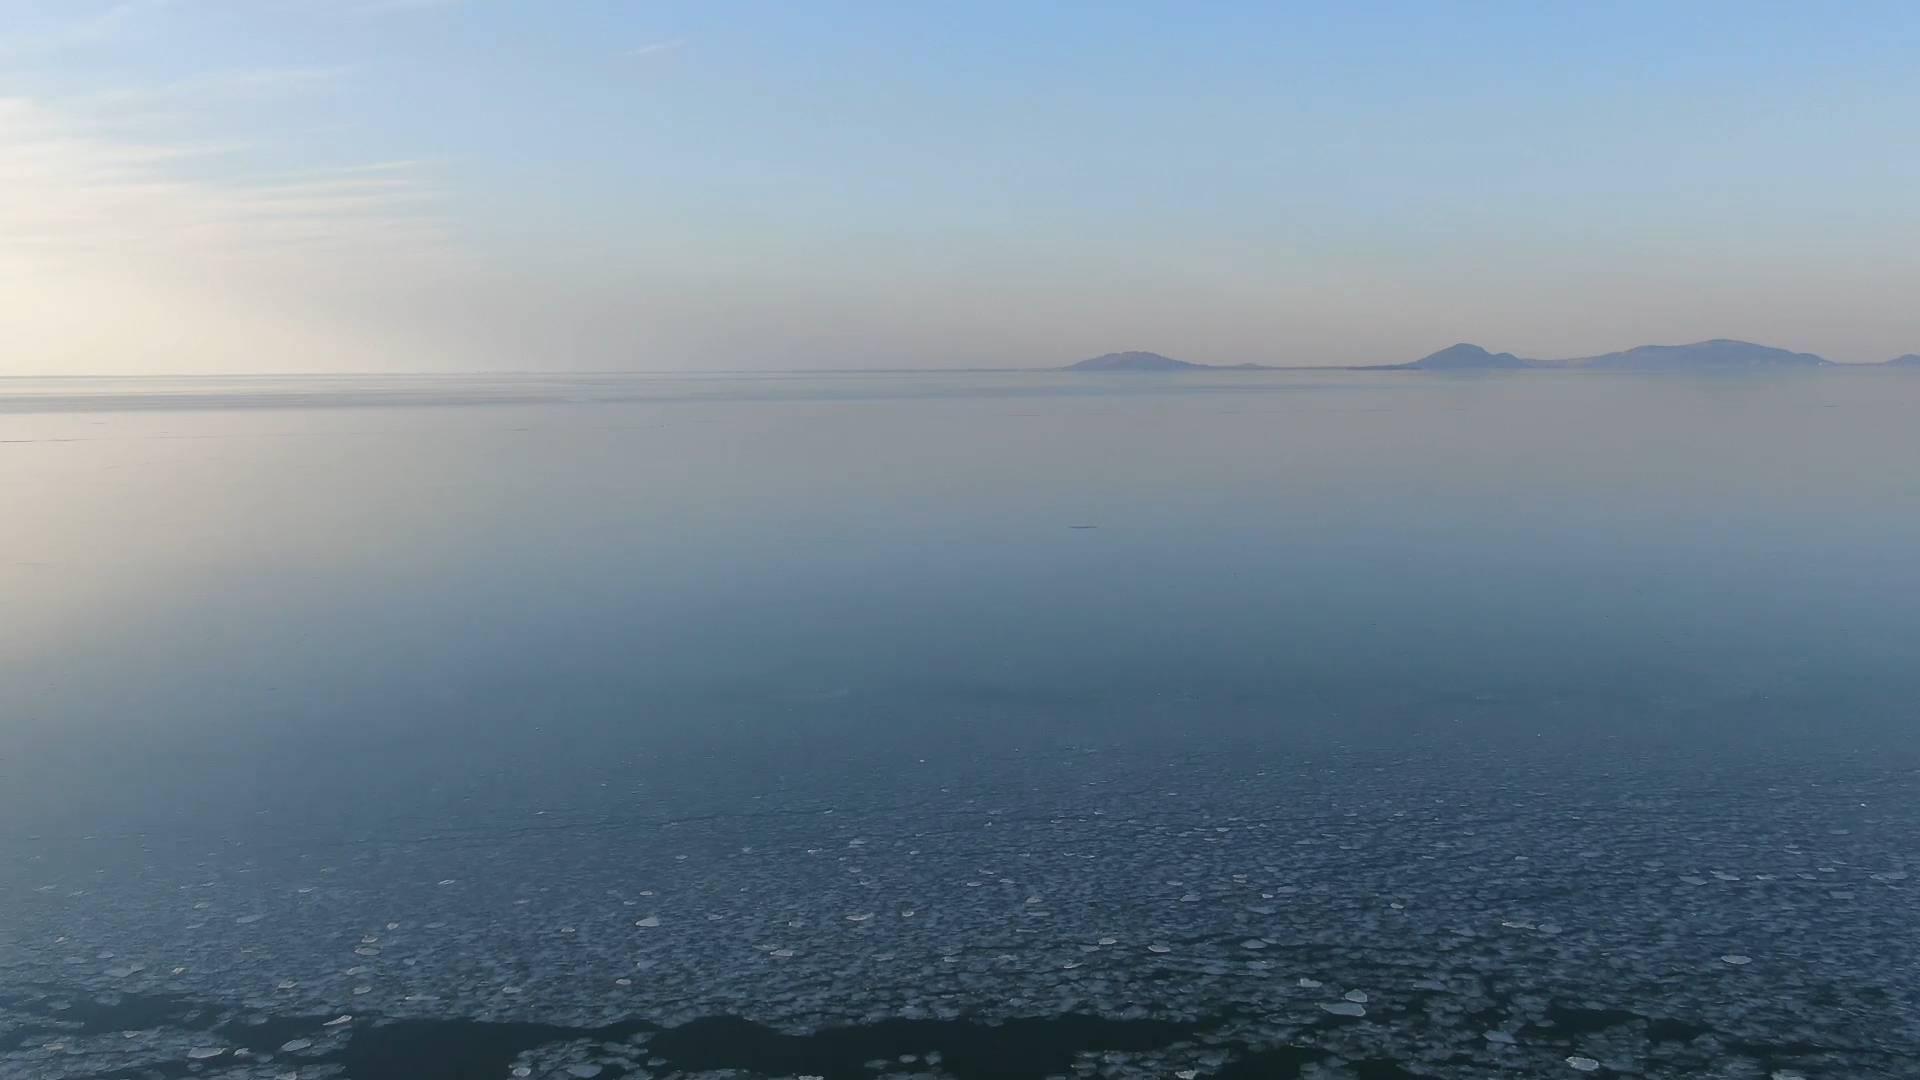 冰封水泊三千里 寒天大美东平湖